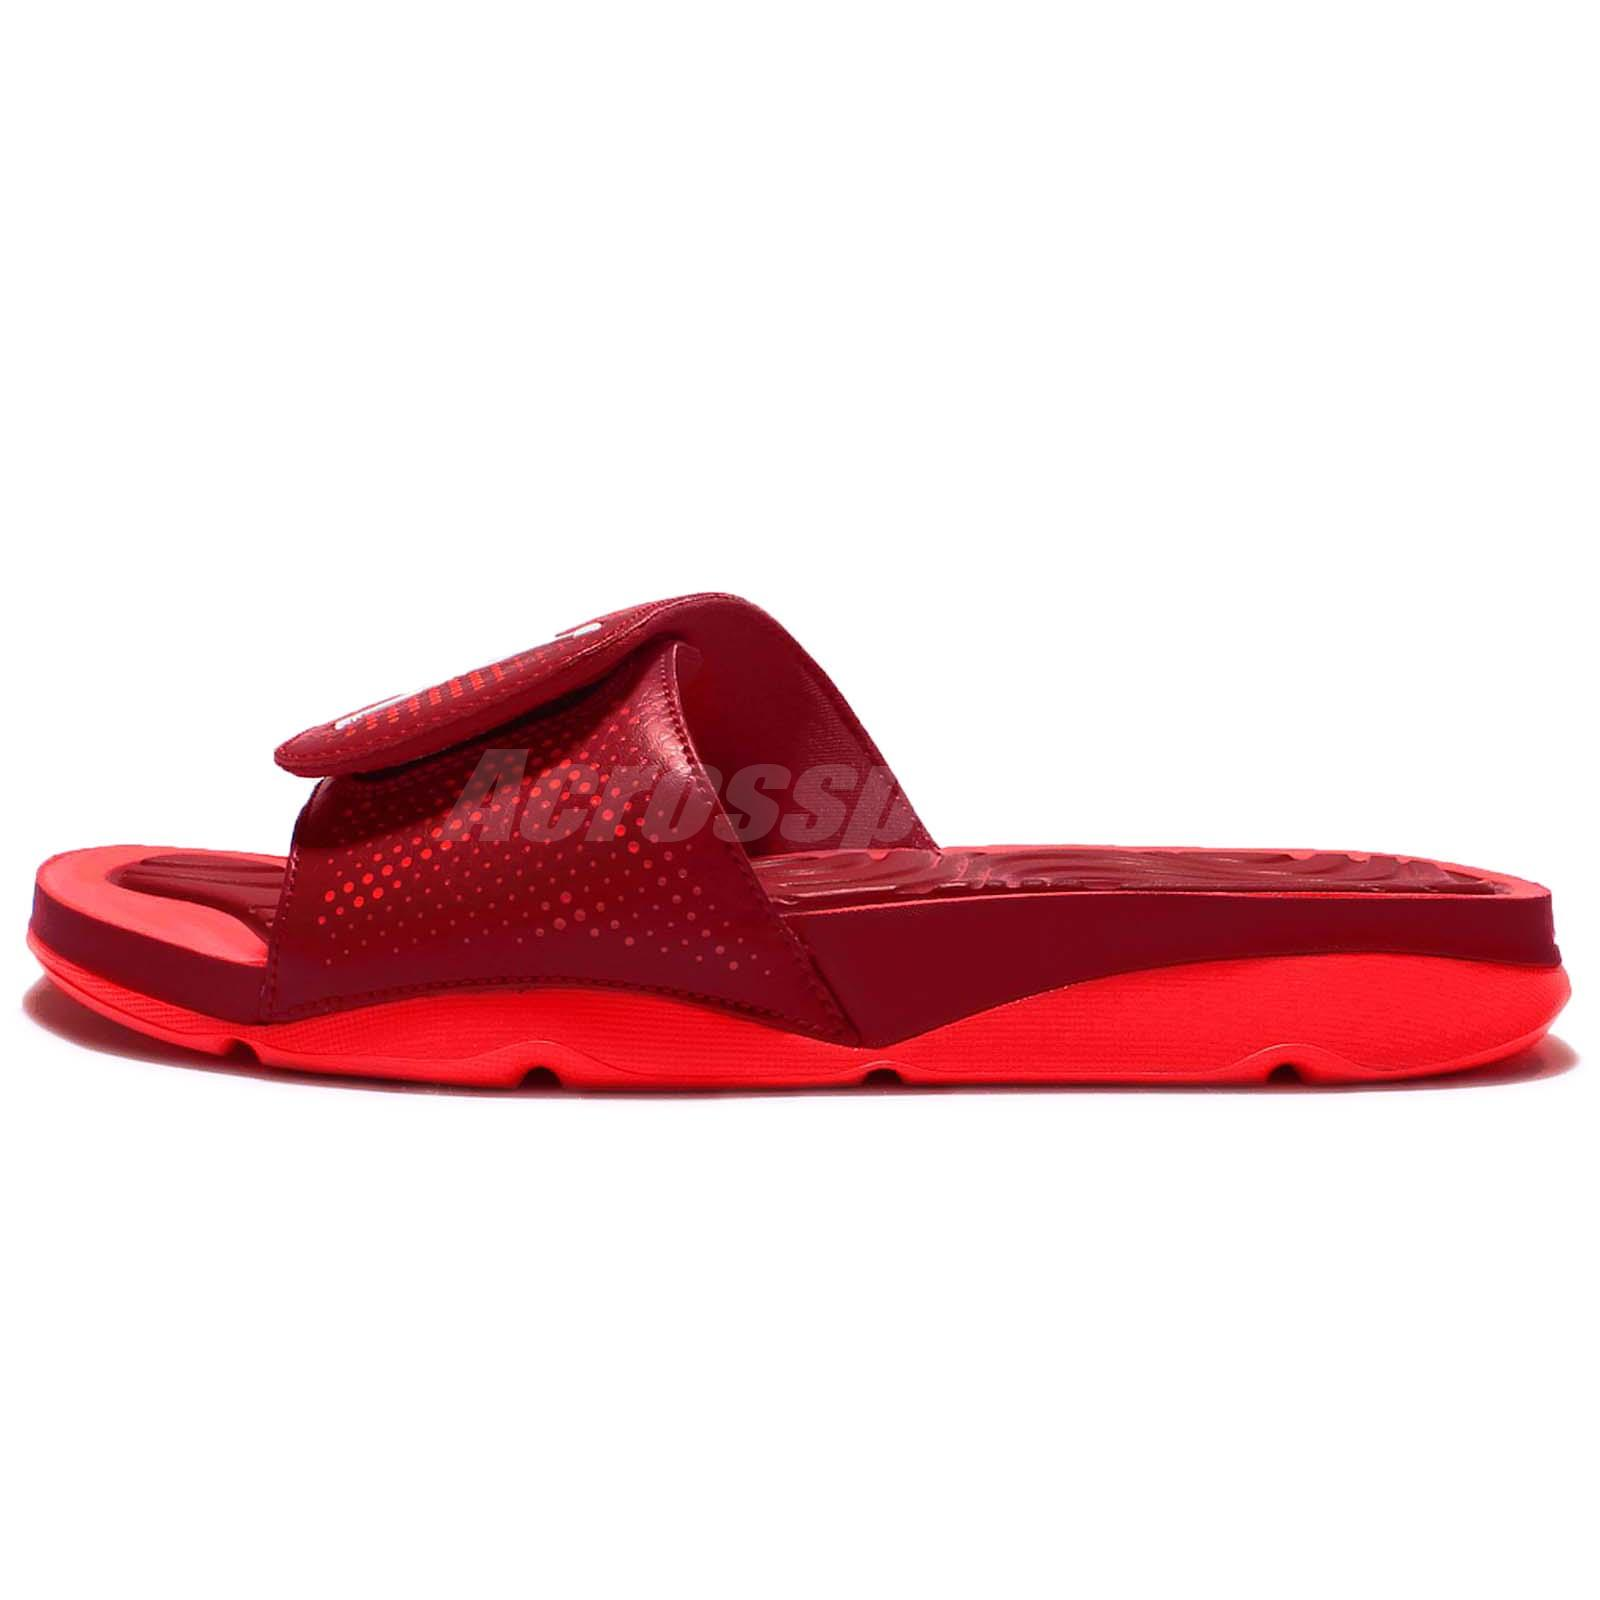 Nike Jordan Hydro 5 V Red Infrared Mens Sandal Slides Slippers AJ5 820257-602